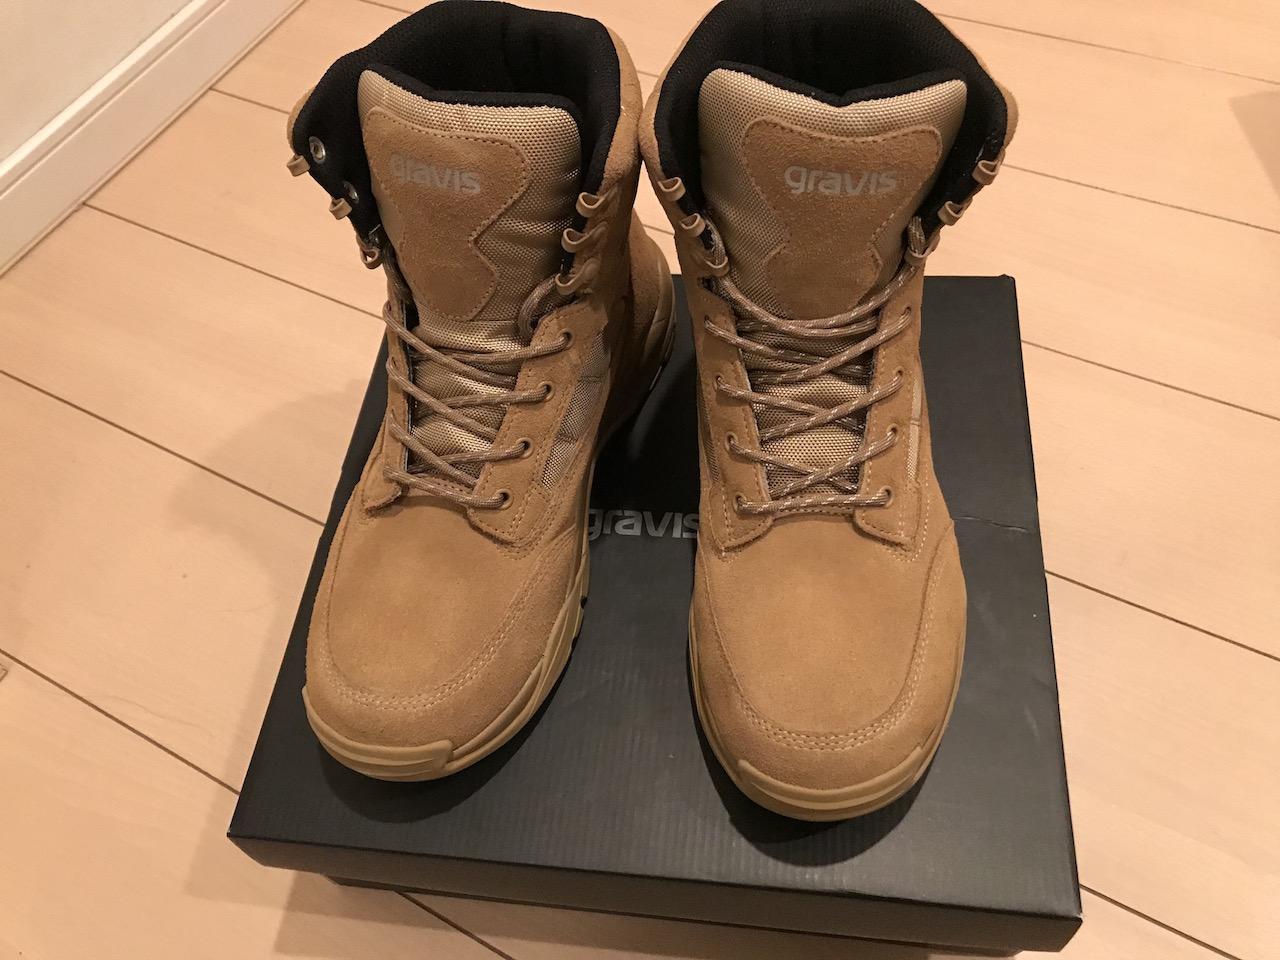 グラビス(gravis)のAWOブーツが軽くて、とってもおすすめ!ブーツかスニーカーのどっちを買うか迷ったらこの靴で決まり!